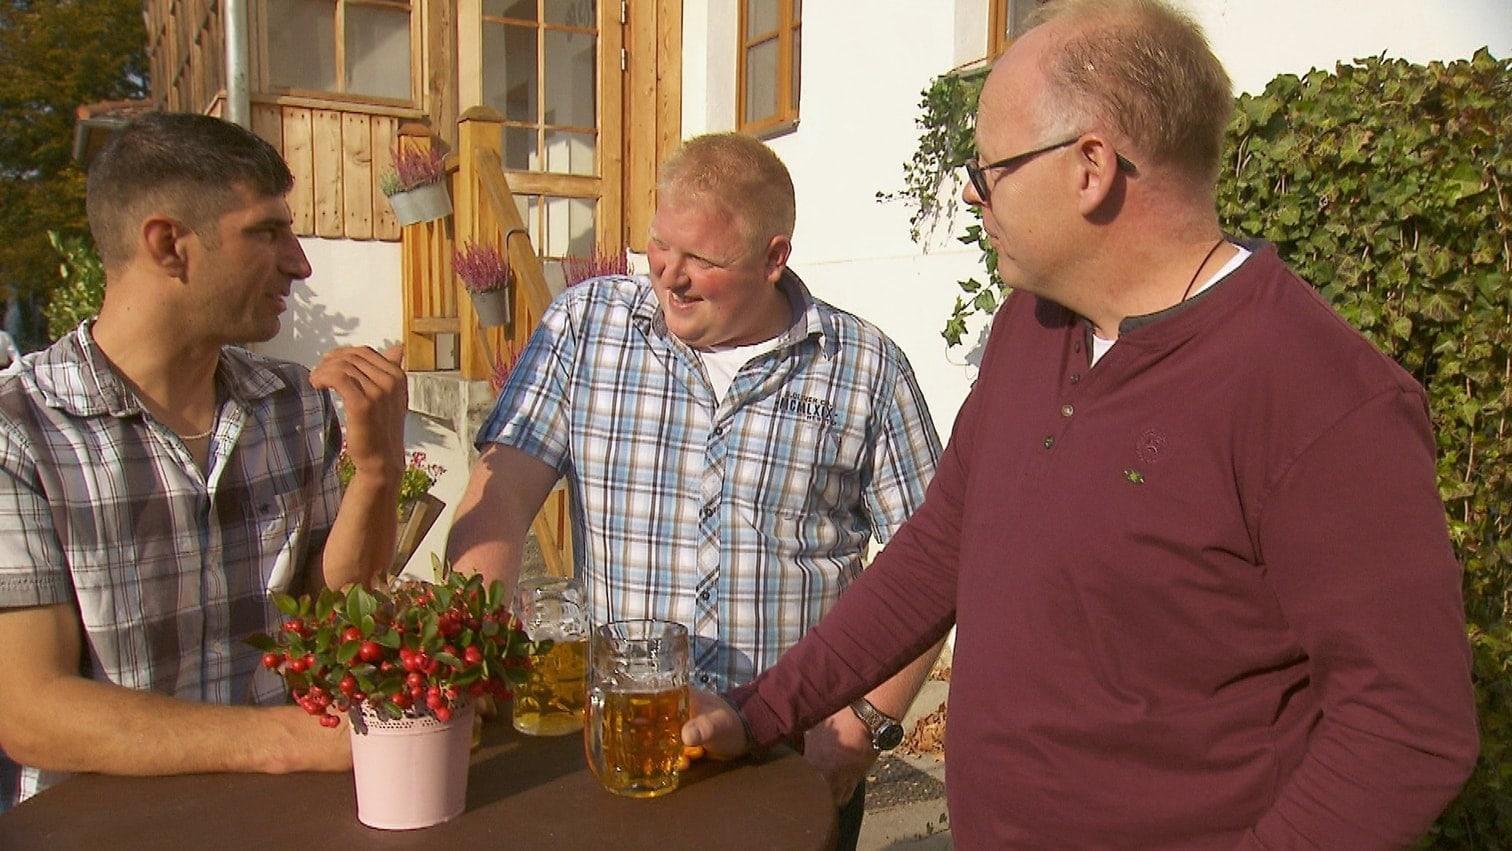 <p>Überraschend zueinandergefunden haben Bernhard und Lena.</p> Foto: MG RTL D / Andreas Friese